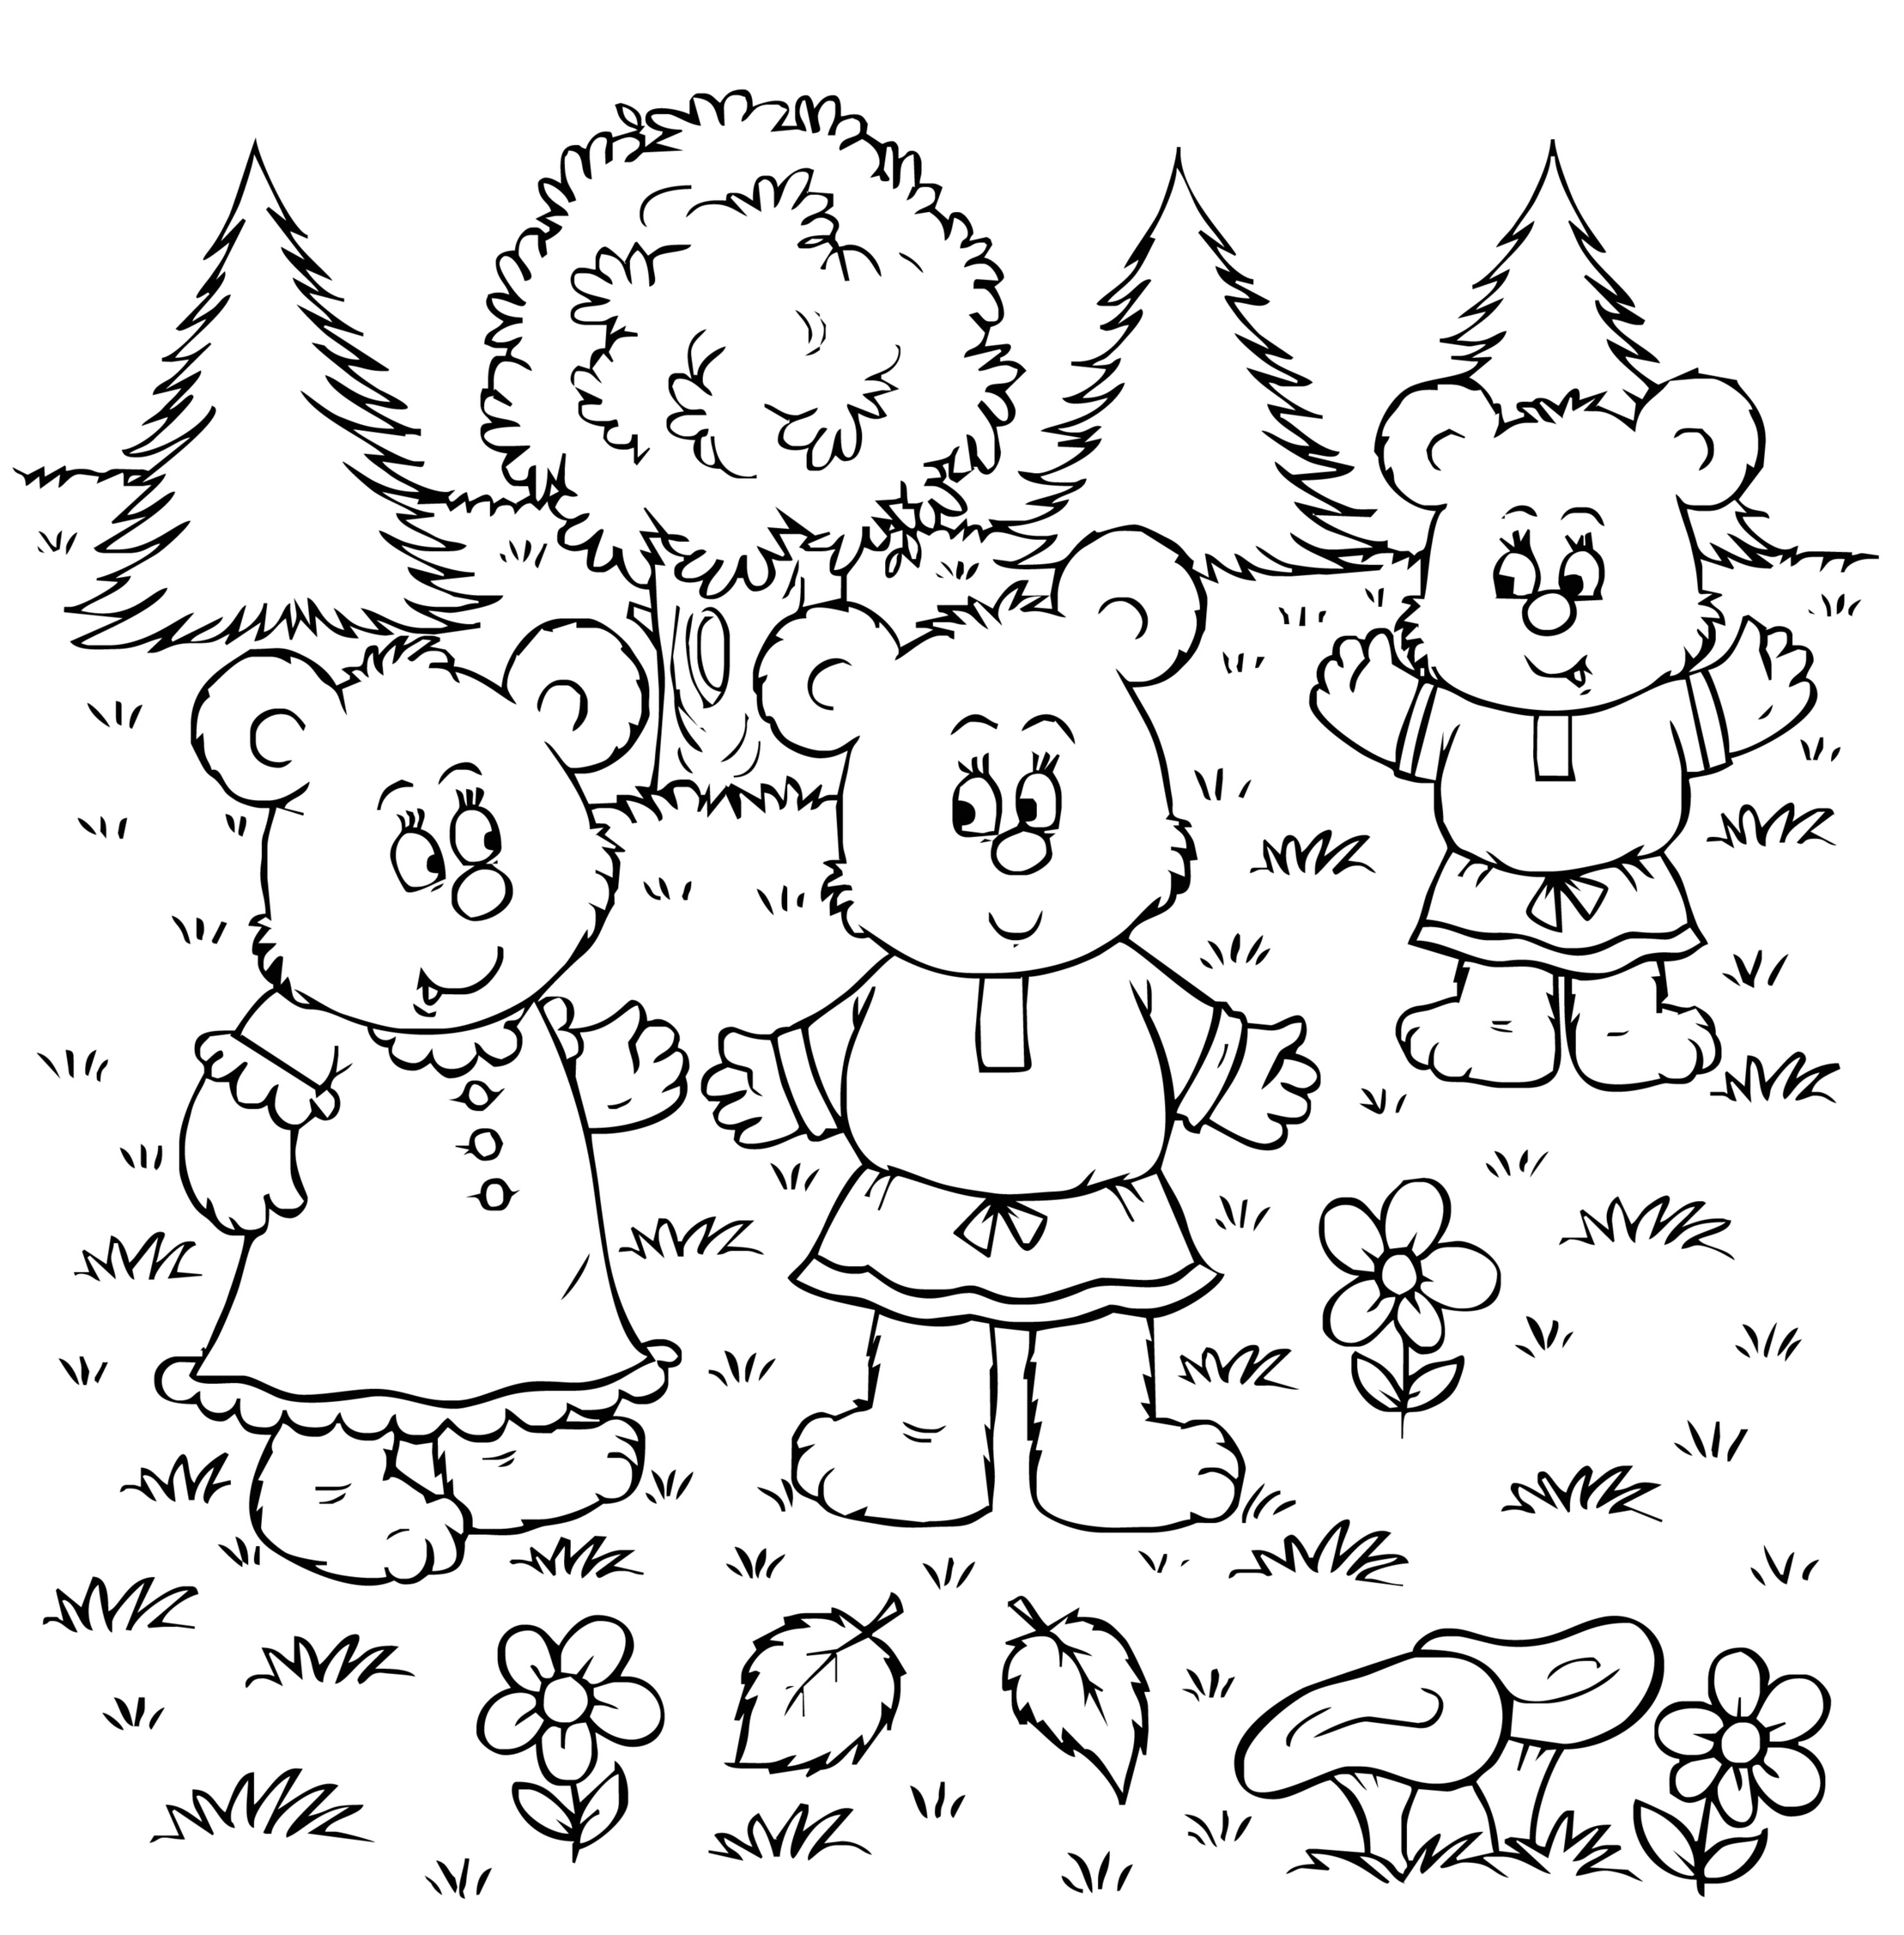 sfatulparintilor.ro, planse de colorat, cei trei ursuleti